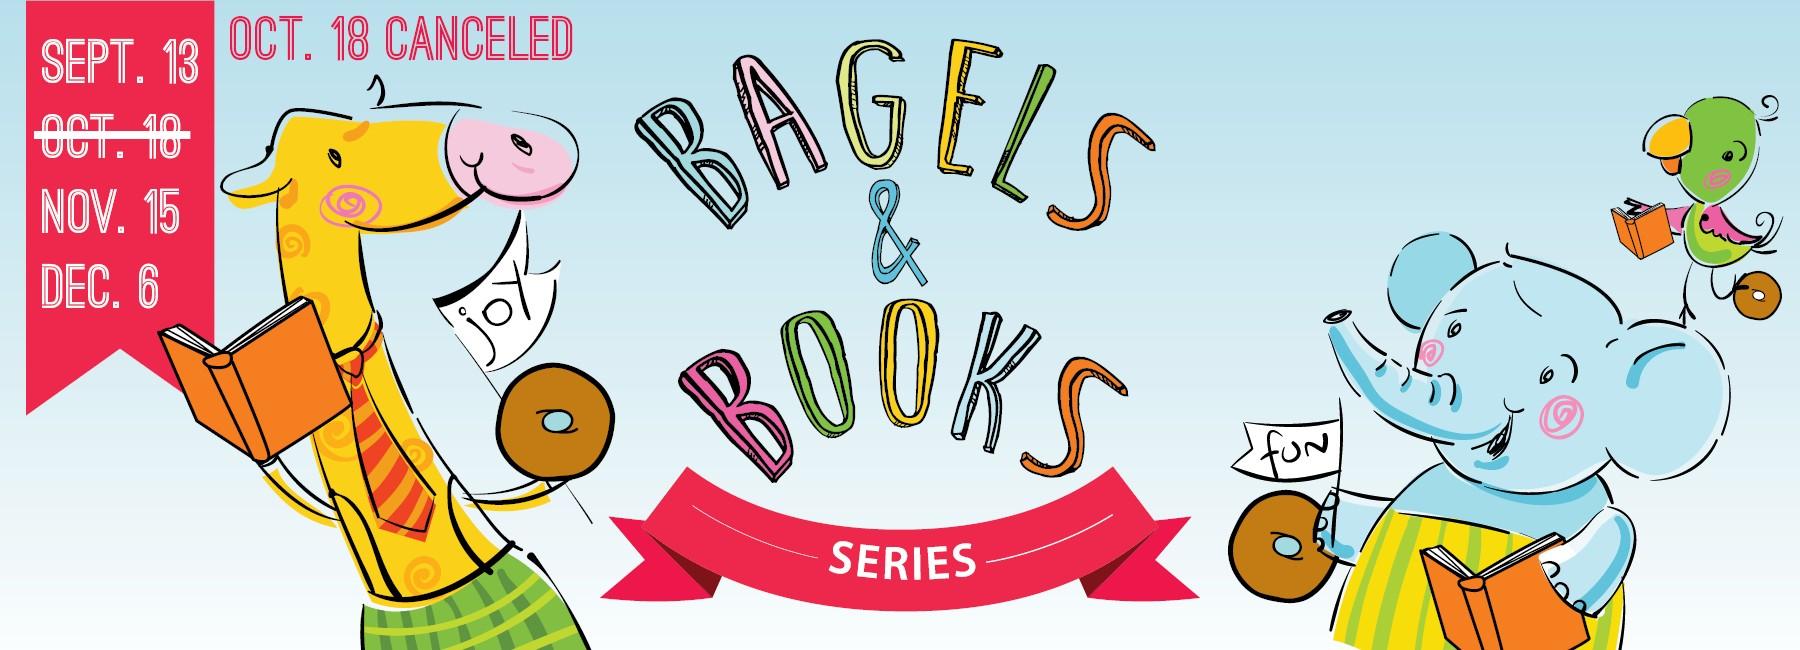 2260_Bagels & Books Series_webslide_081715.jpg